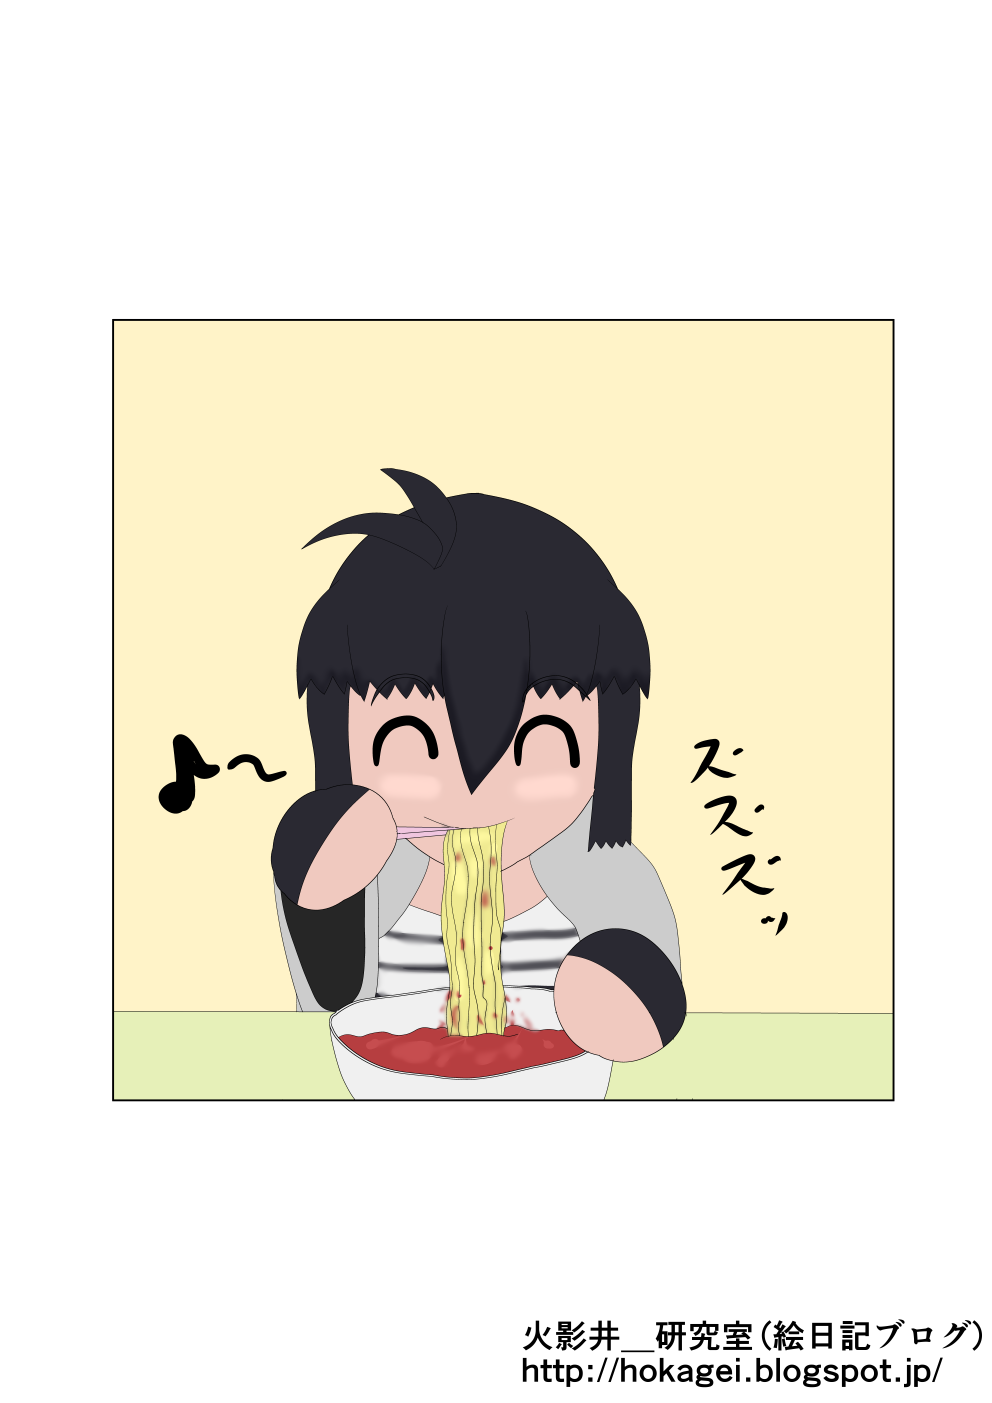 ラ王の坦々麺(八雲楓)